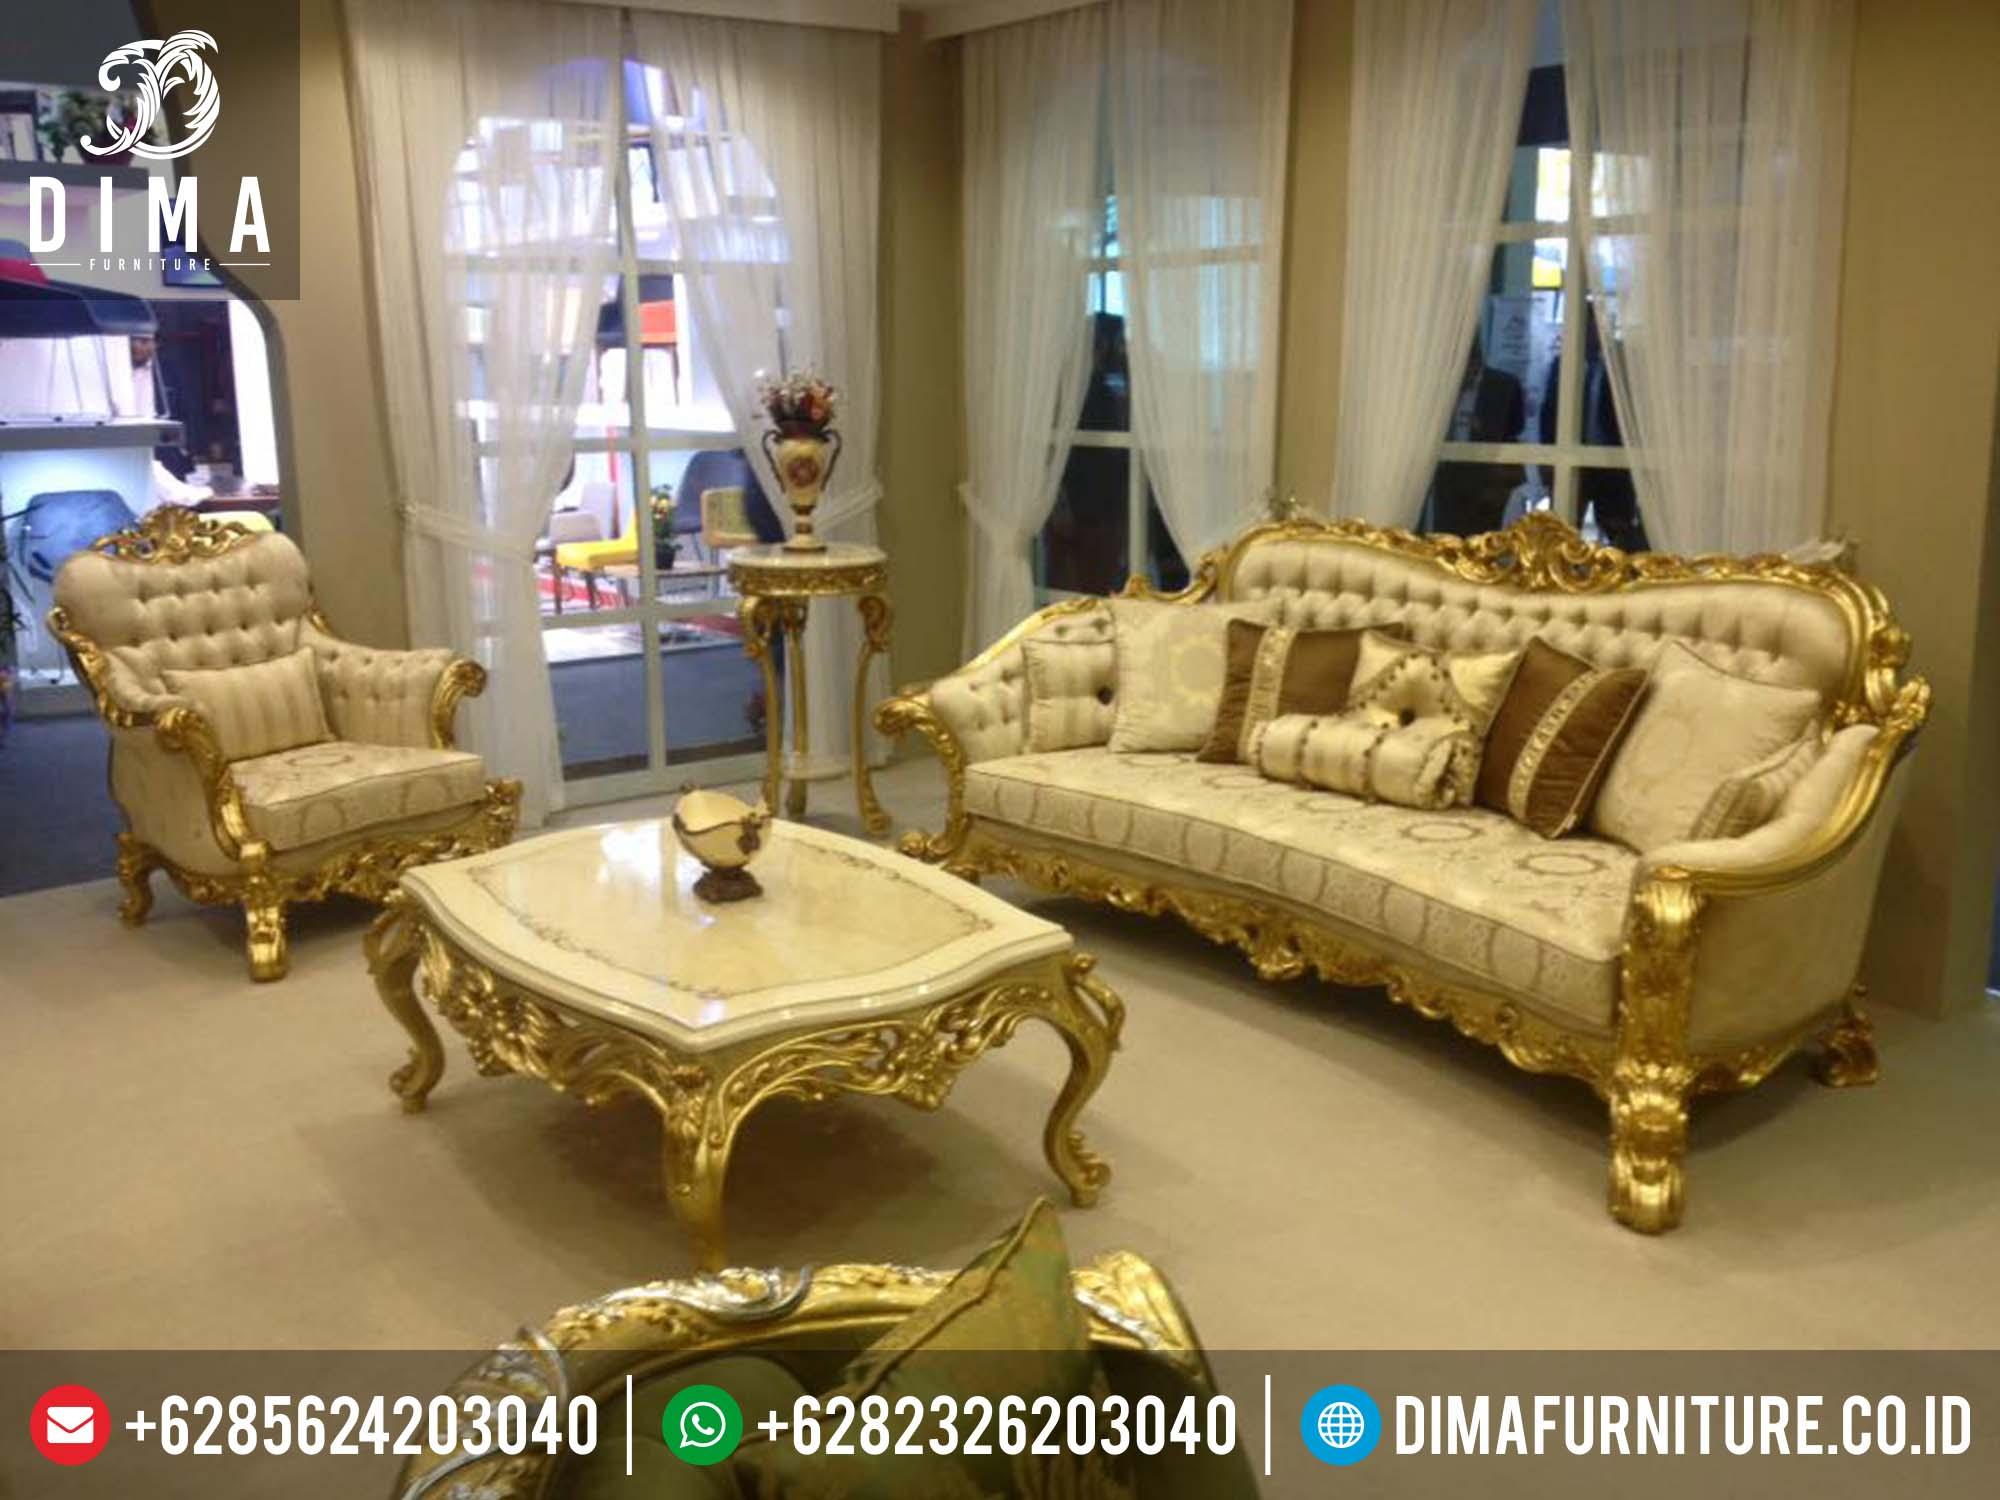 Mebel murah jepara set kursi sofa ruang tamu klasik mewah for Sofa klasik